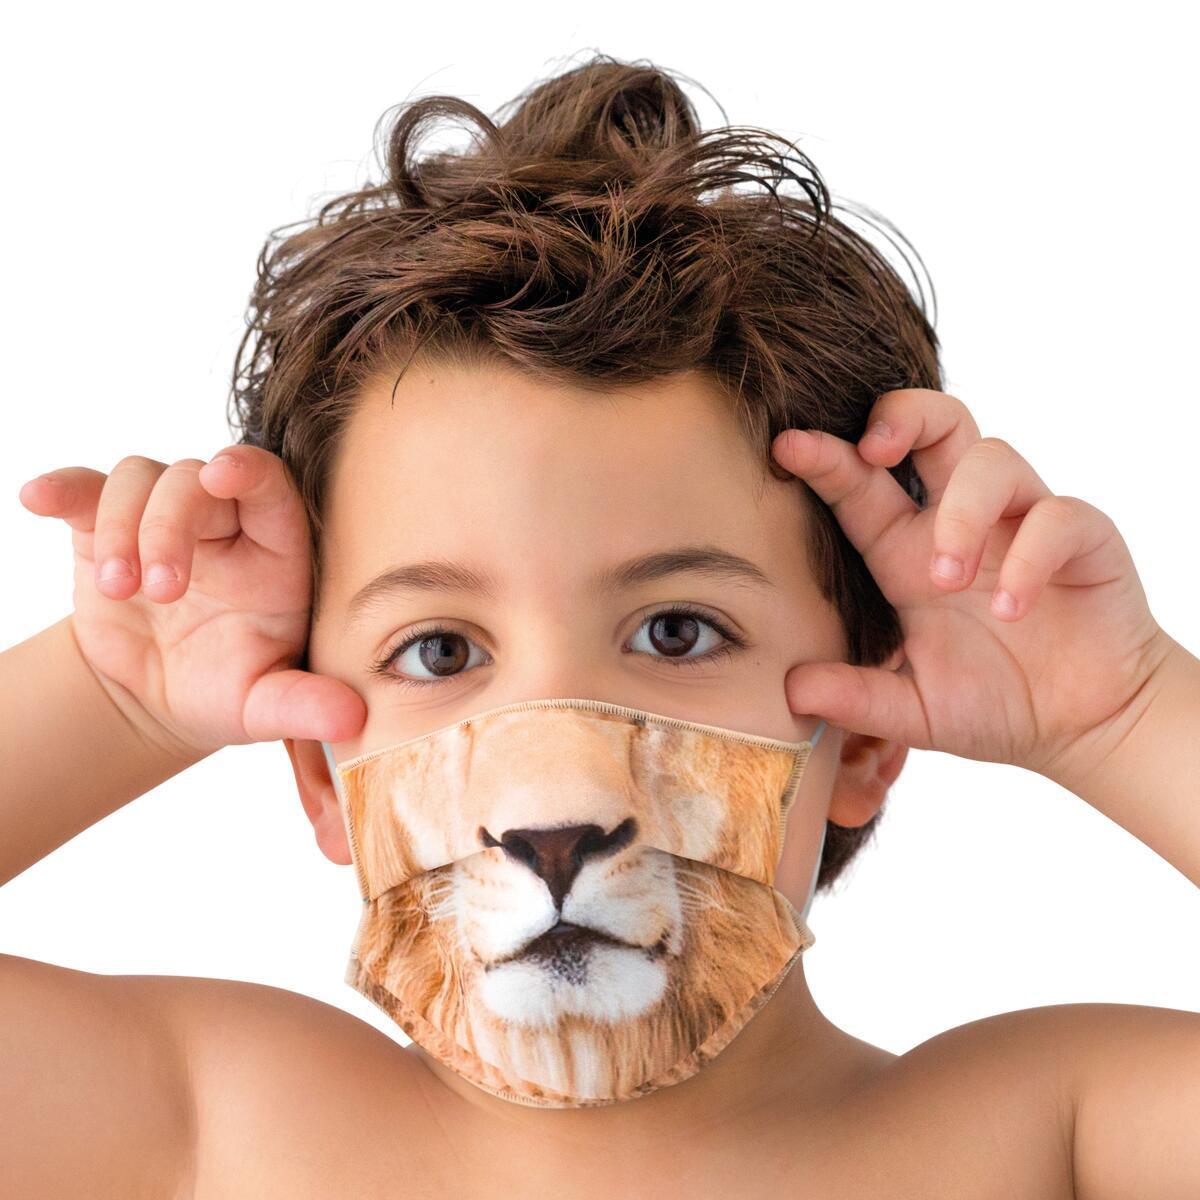 Maschera in tessuto lavabile per utilizzo non sanitario Baby leone - 2